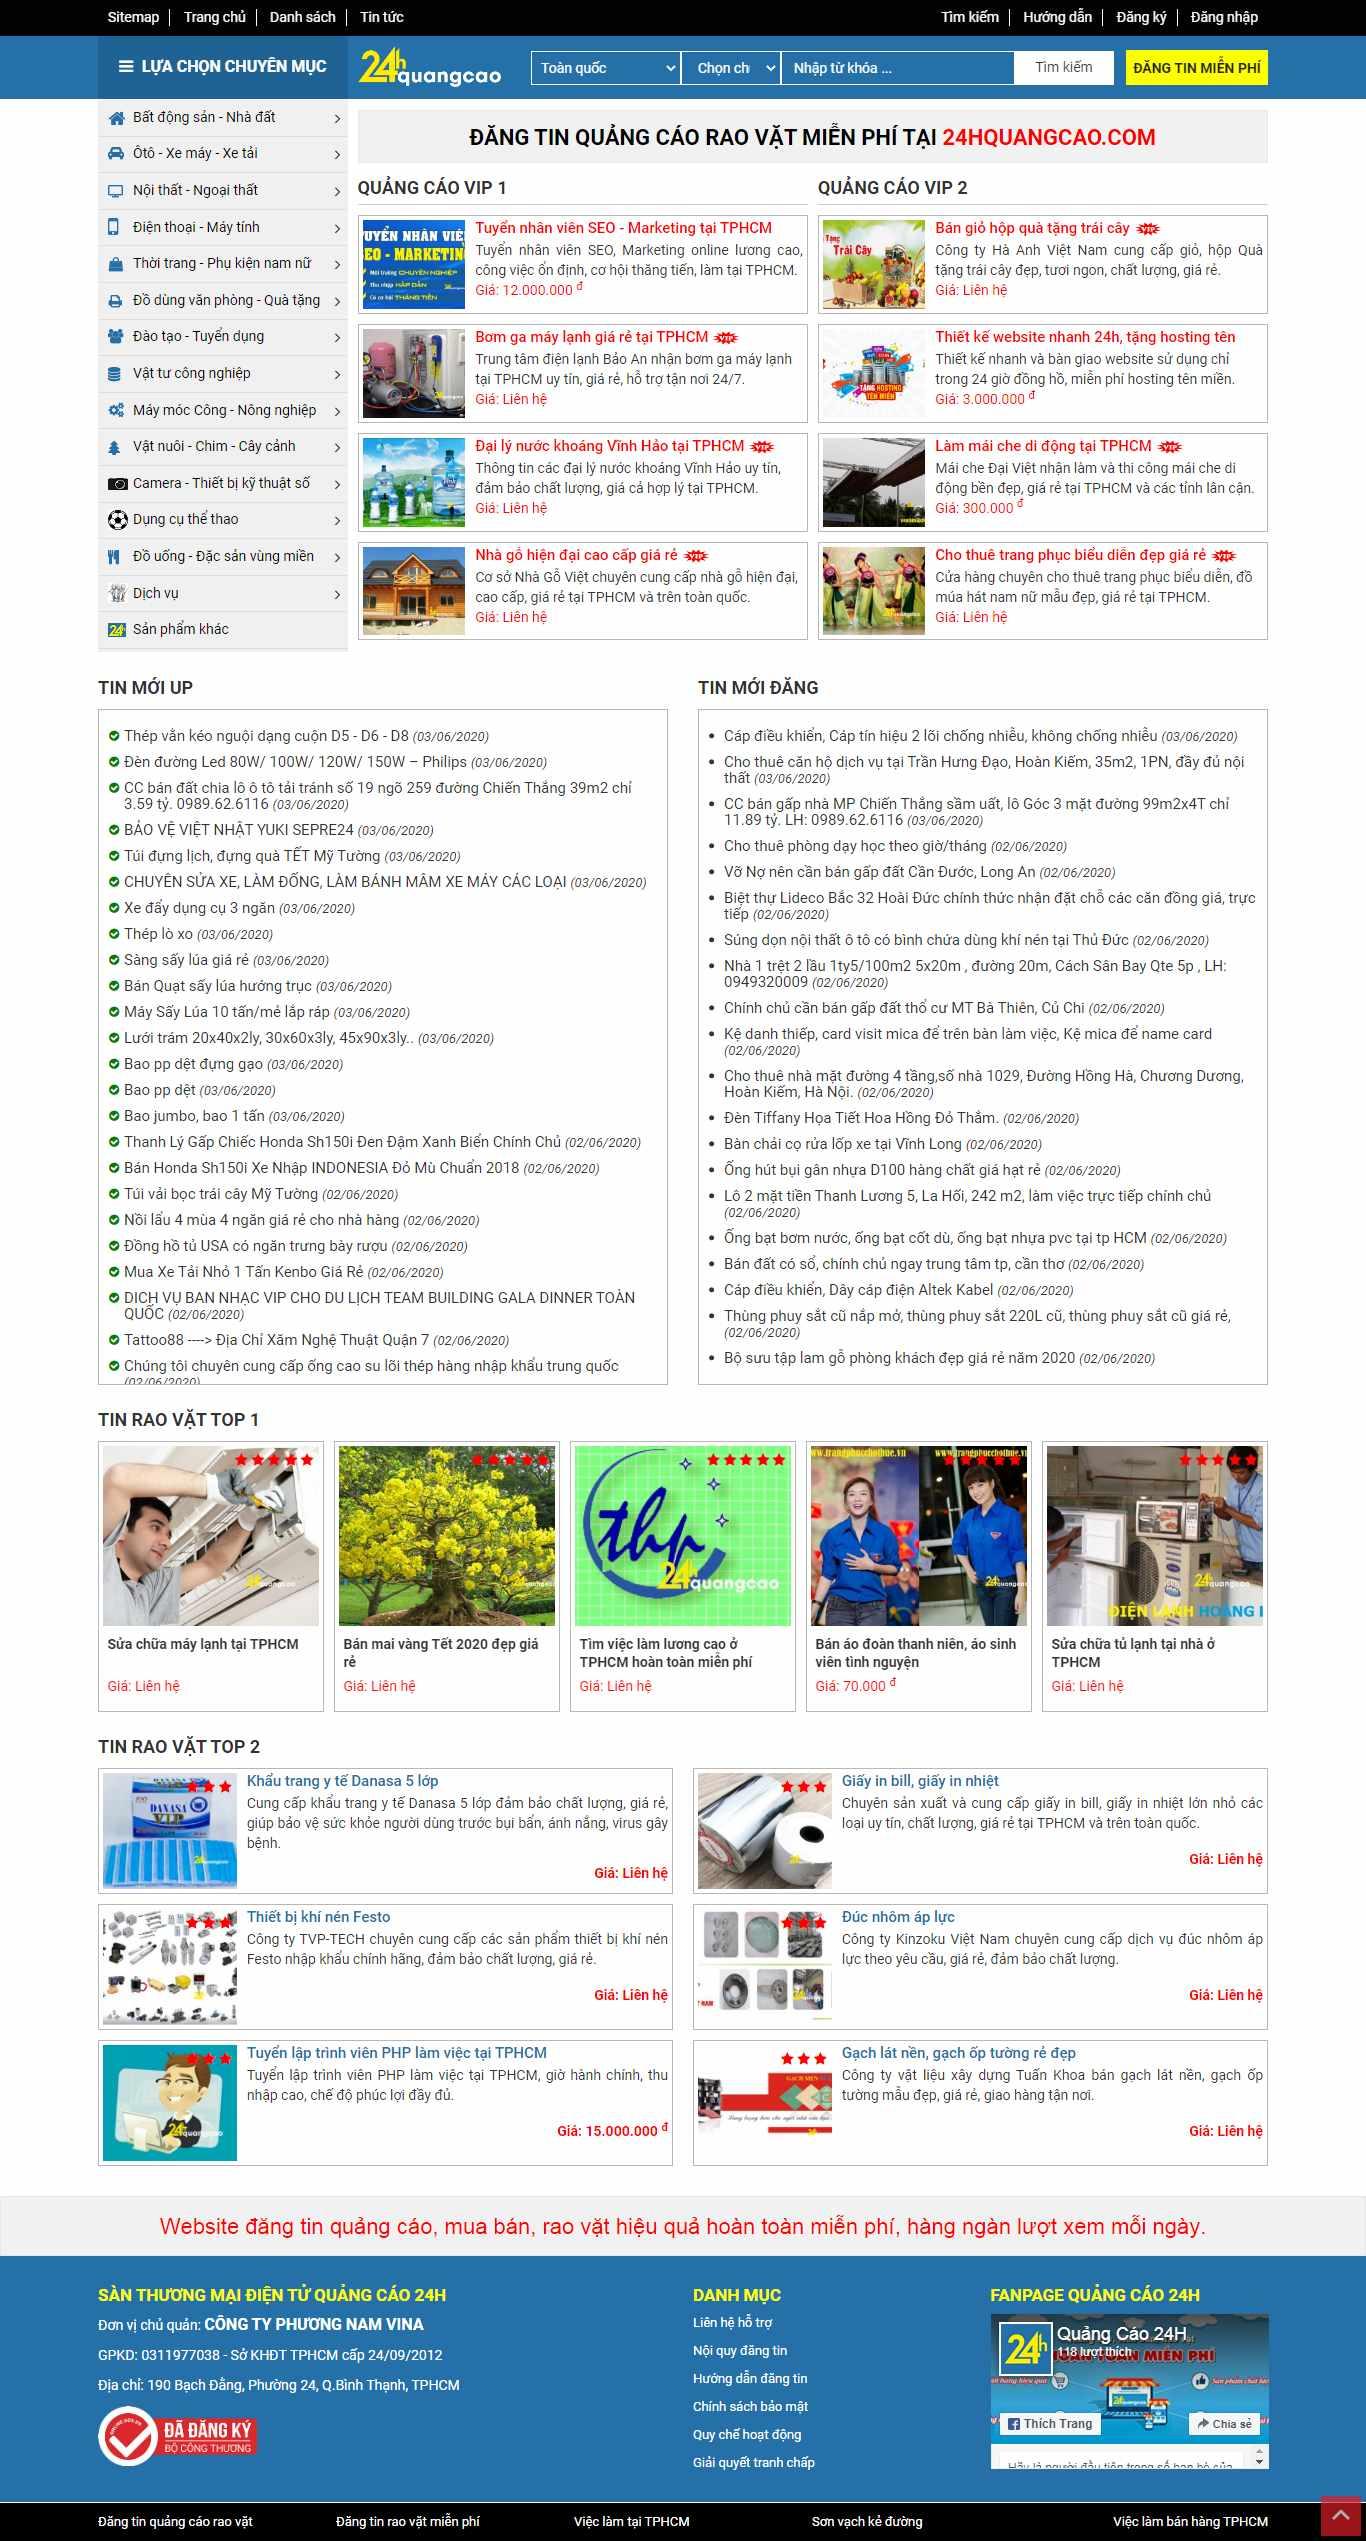 Thiết kế web đăng tin rao vặt - 24hquangcao.com